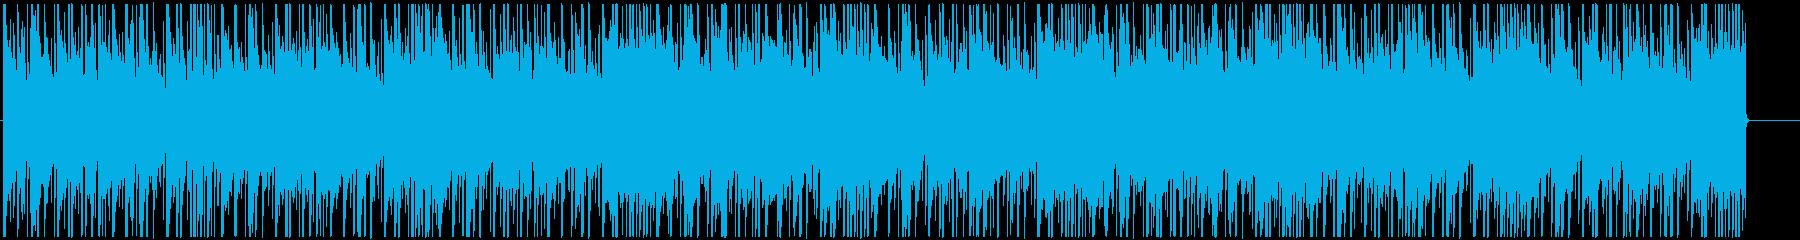 チルアウト ブルージーな渋めHIPHOPの再生済みの波形